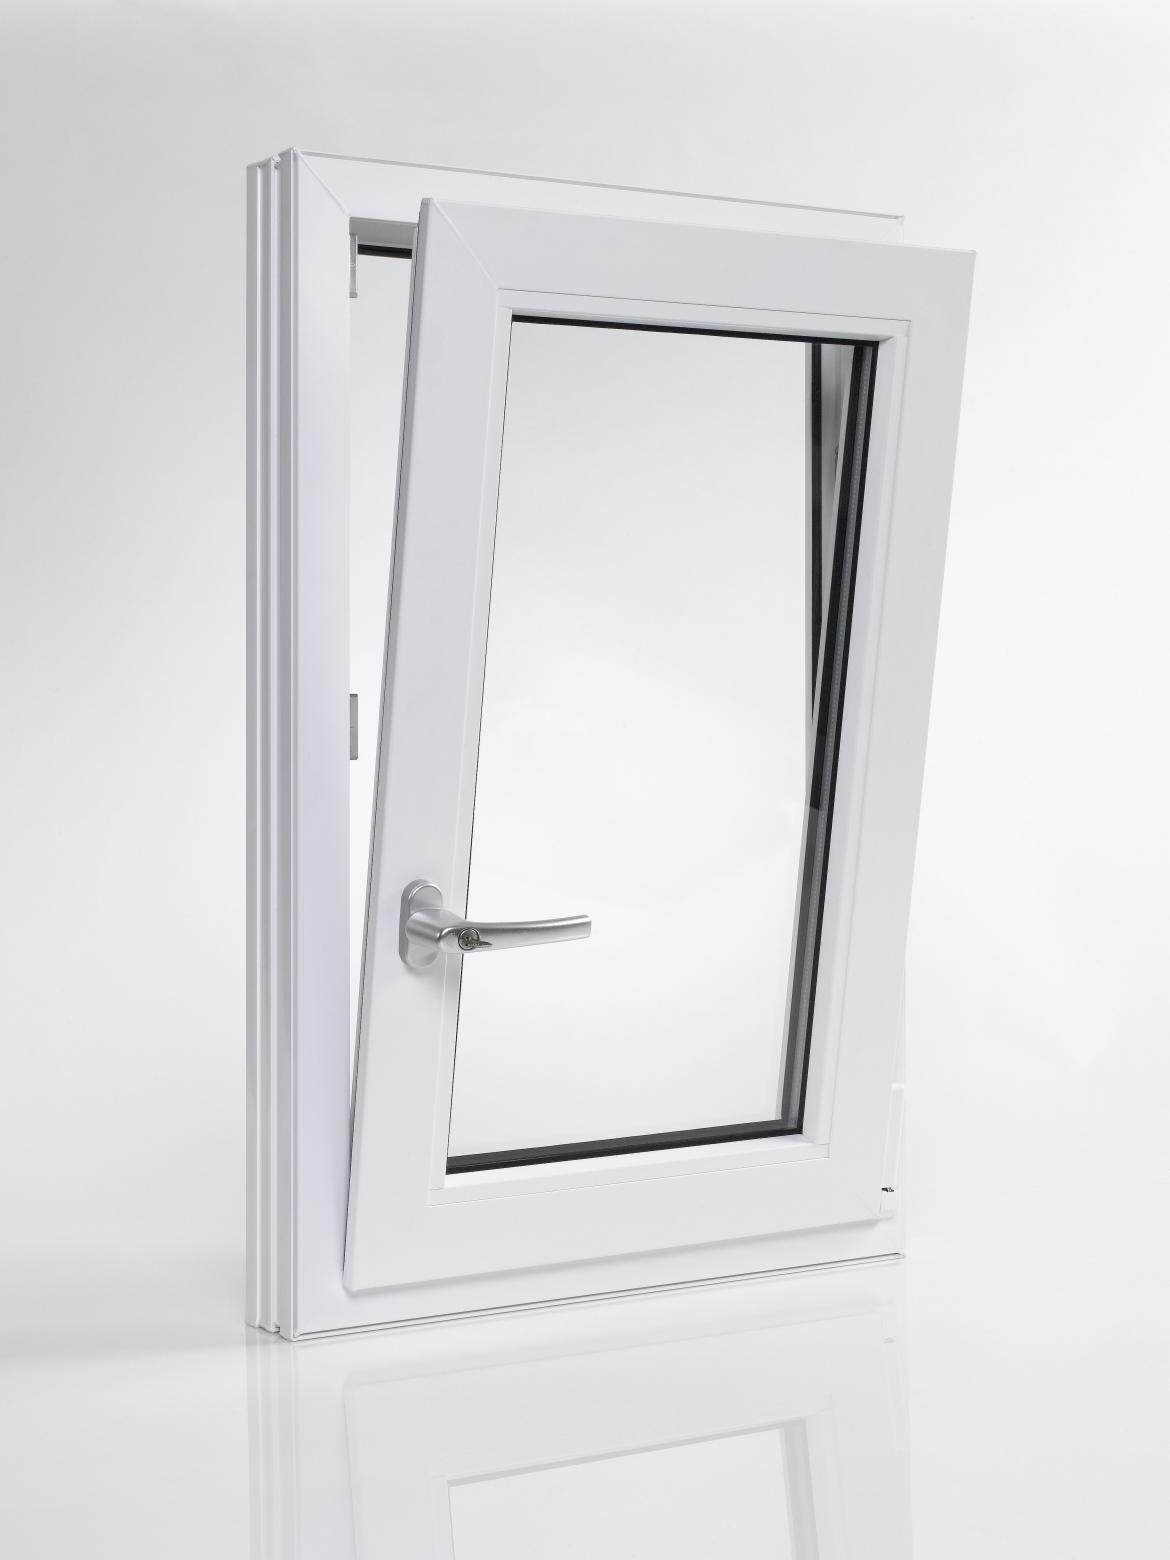 Crystal Windows Doors Magnus Series 4500 Tilt and Turn